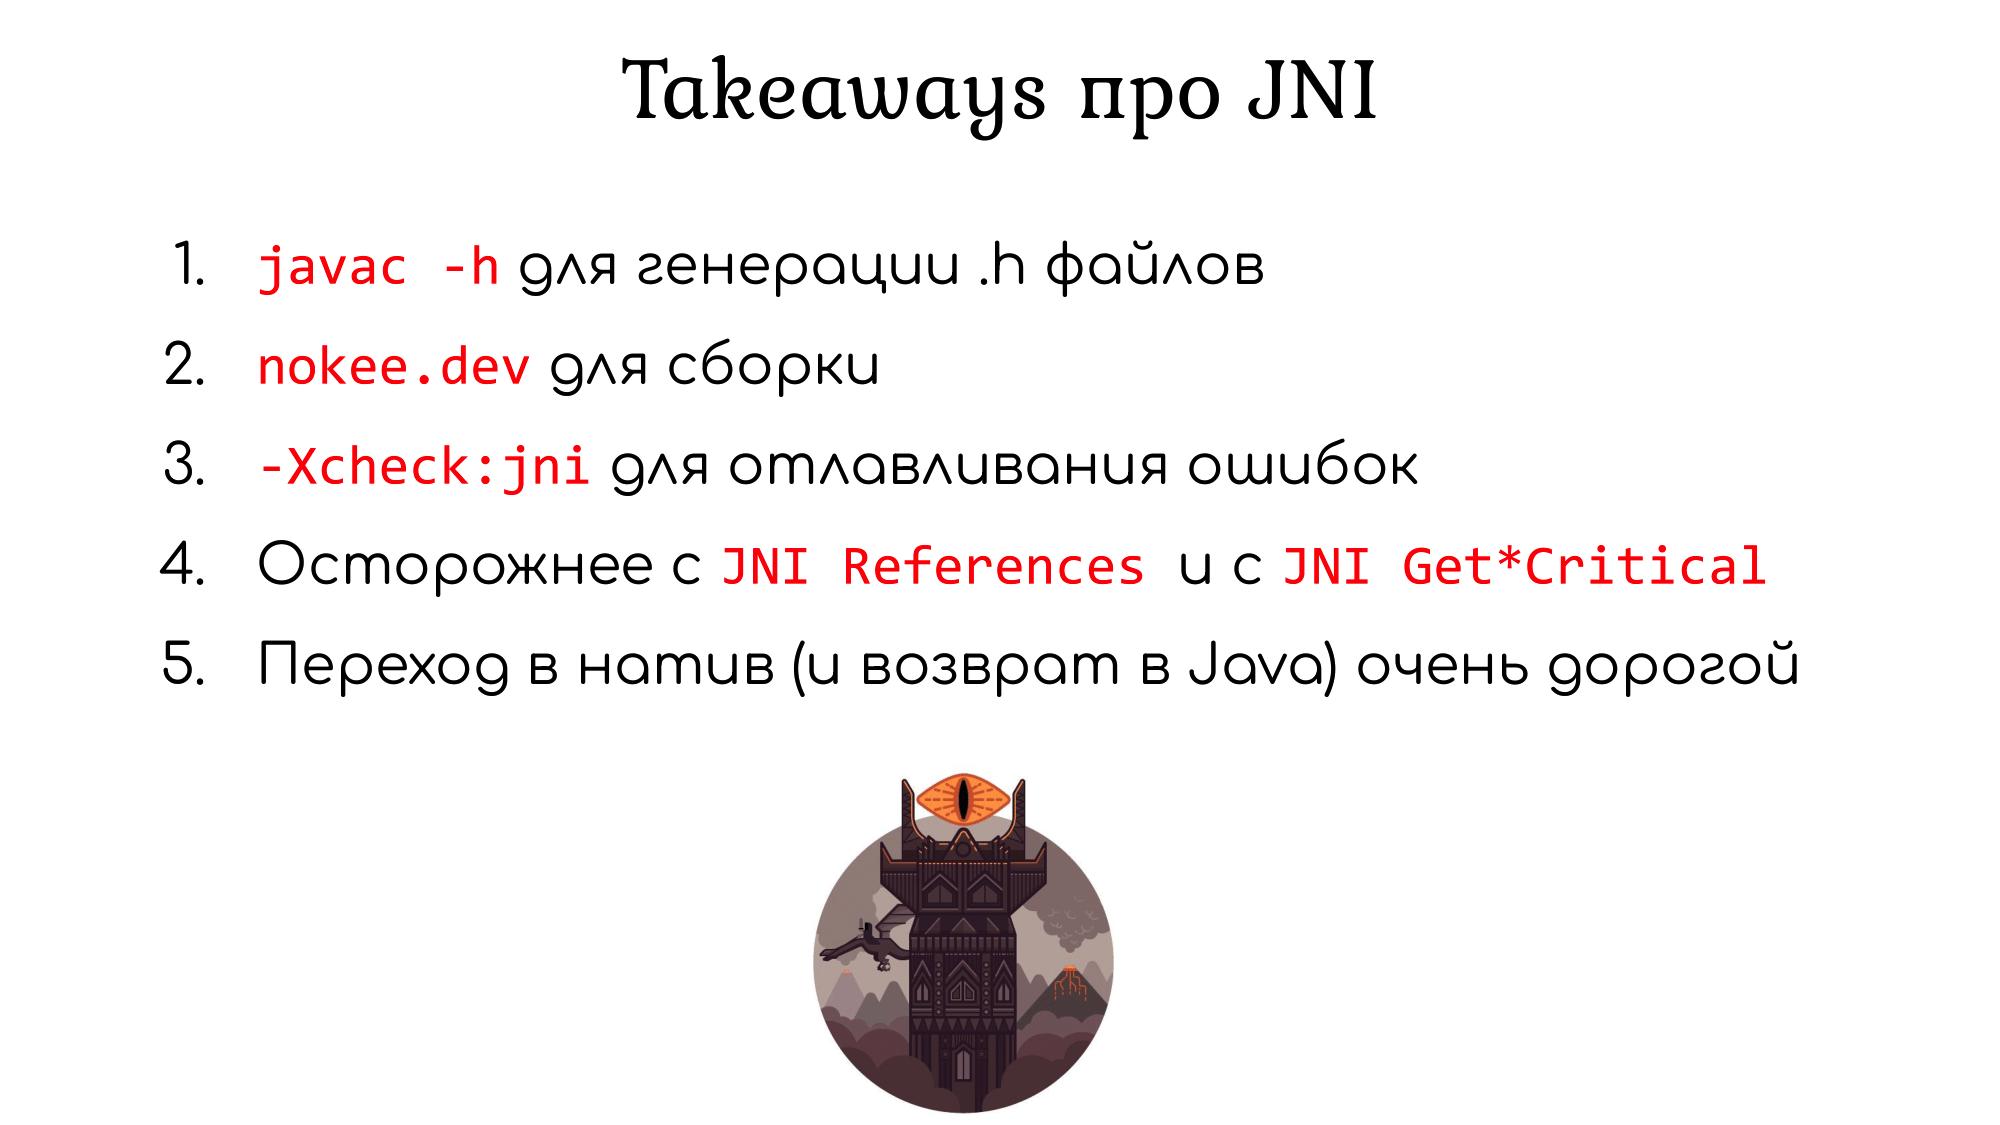 В нативный код из уютного мира Java: путешествие туда и обратно (часть 1) - 36